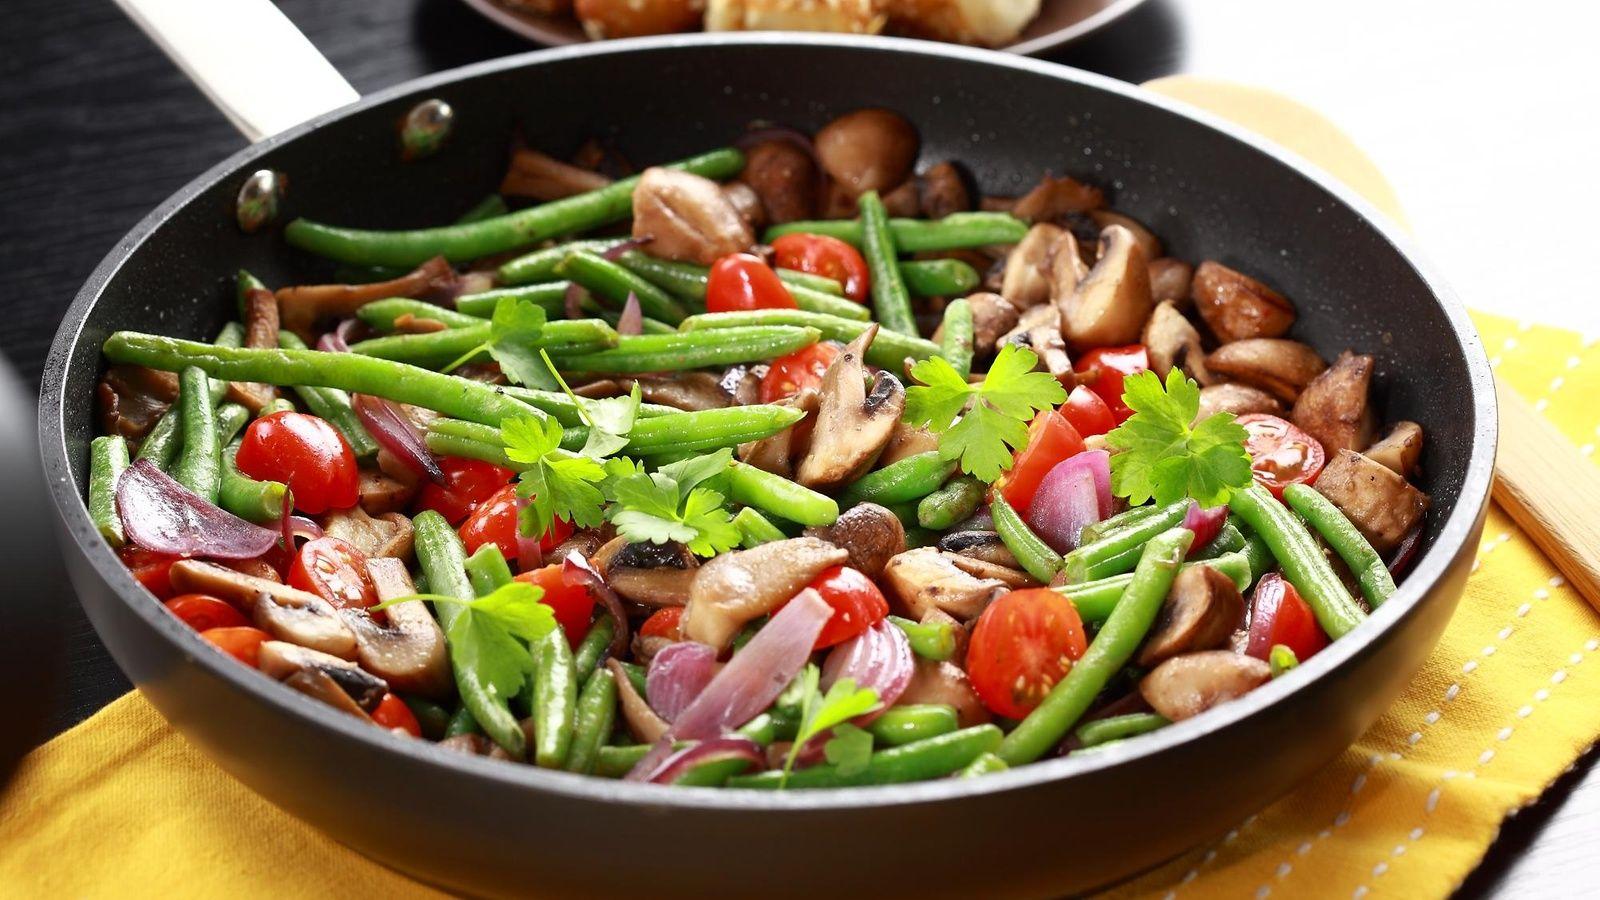 Opettele nämä terveelliset tavat vegaaneilta – luopumatta lihasta!